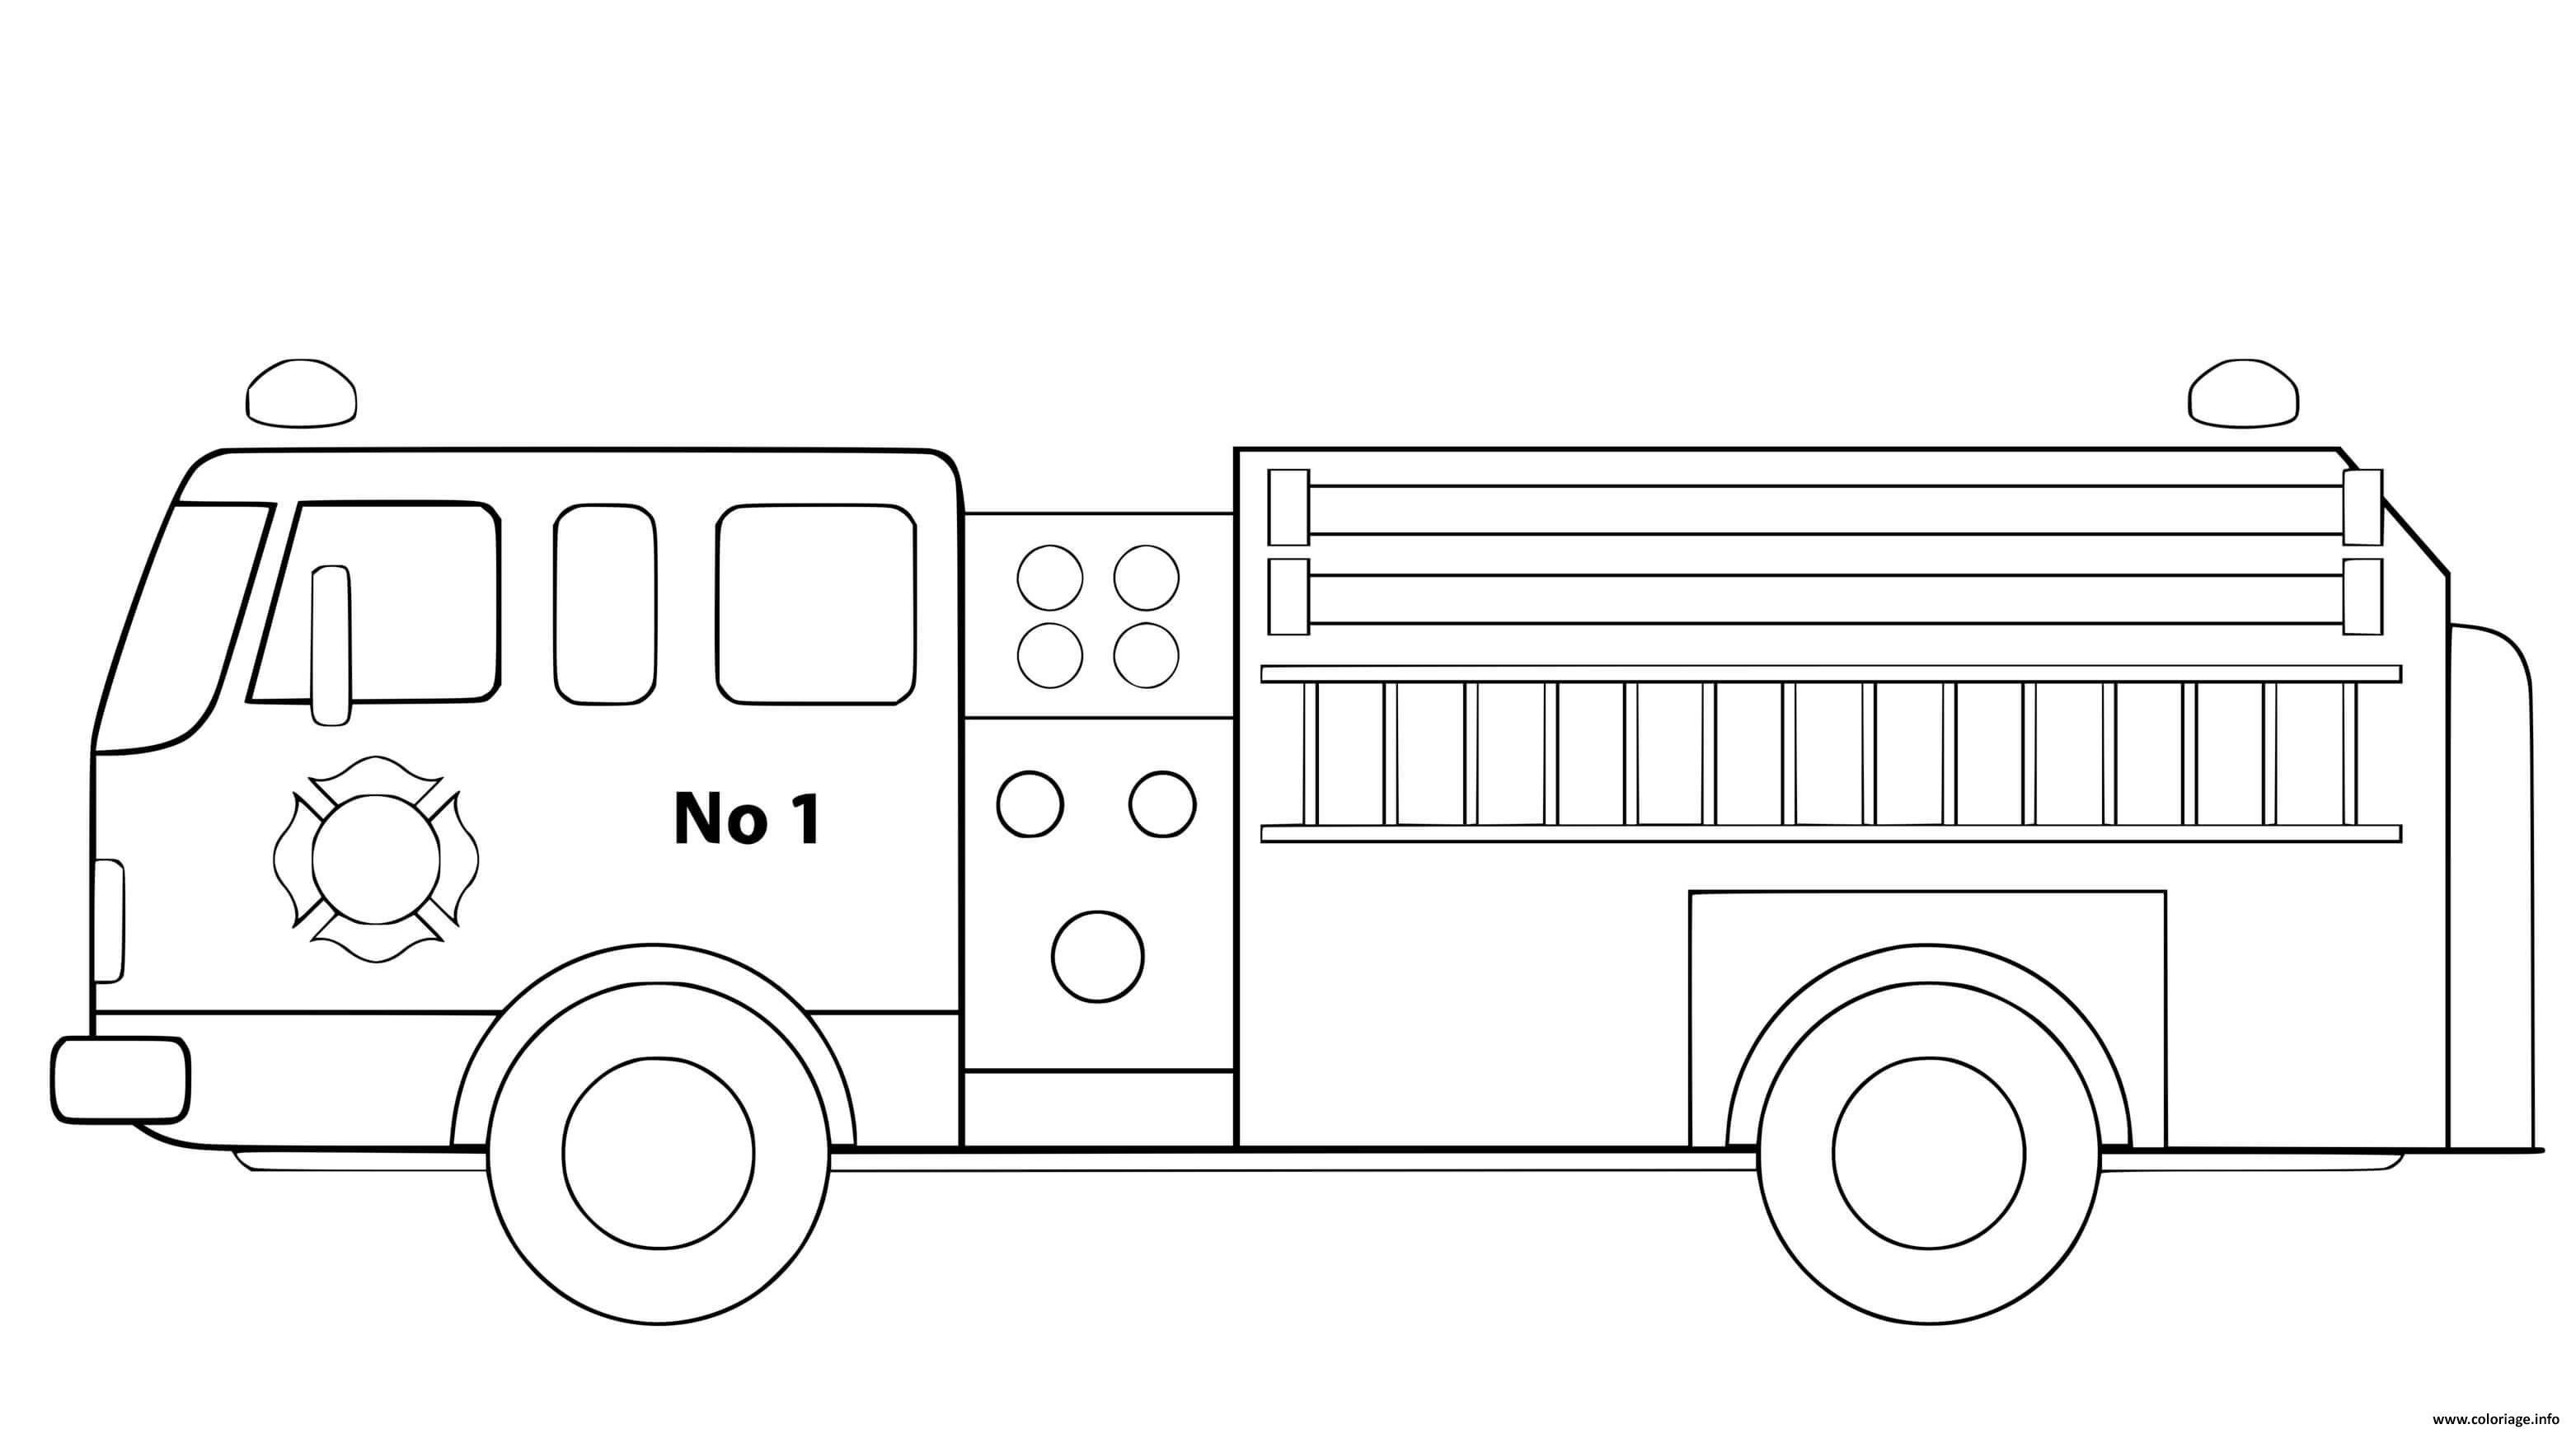 Dessin camion de pompier simple et bien dessine Coloriage Gratuit à Imprimer